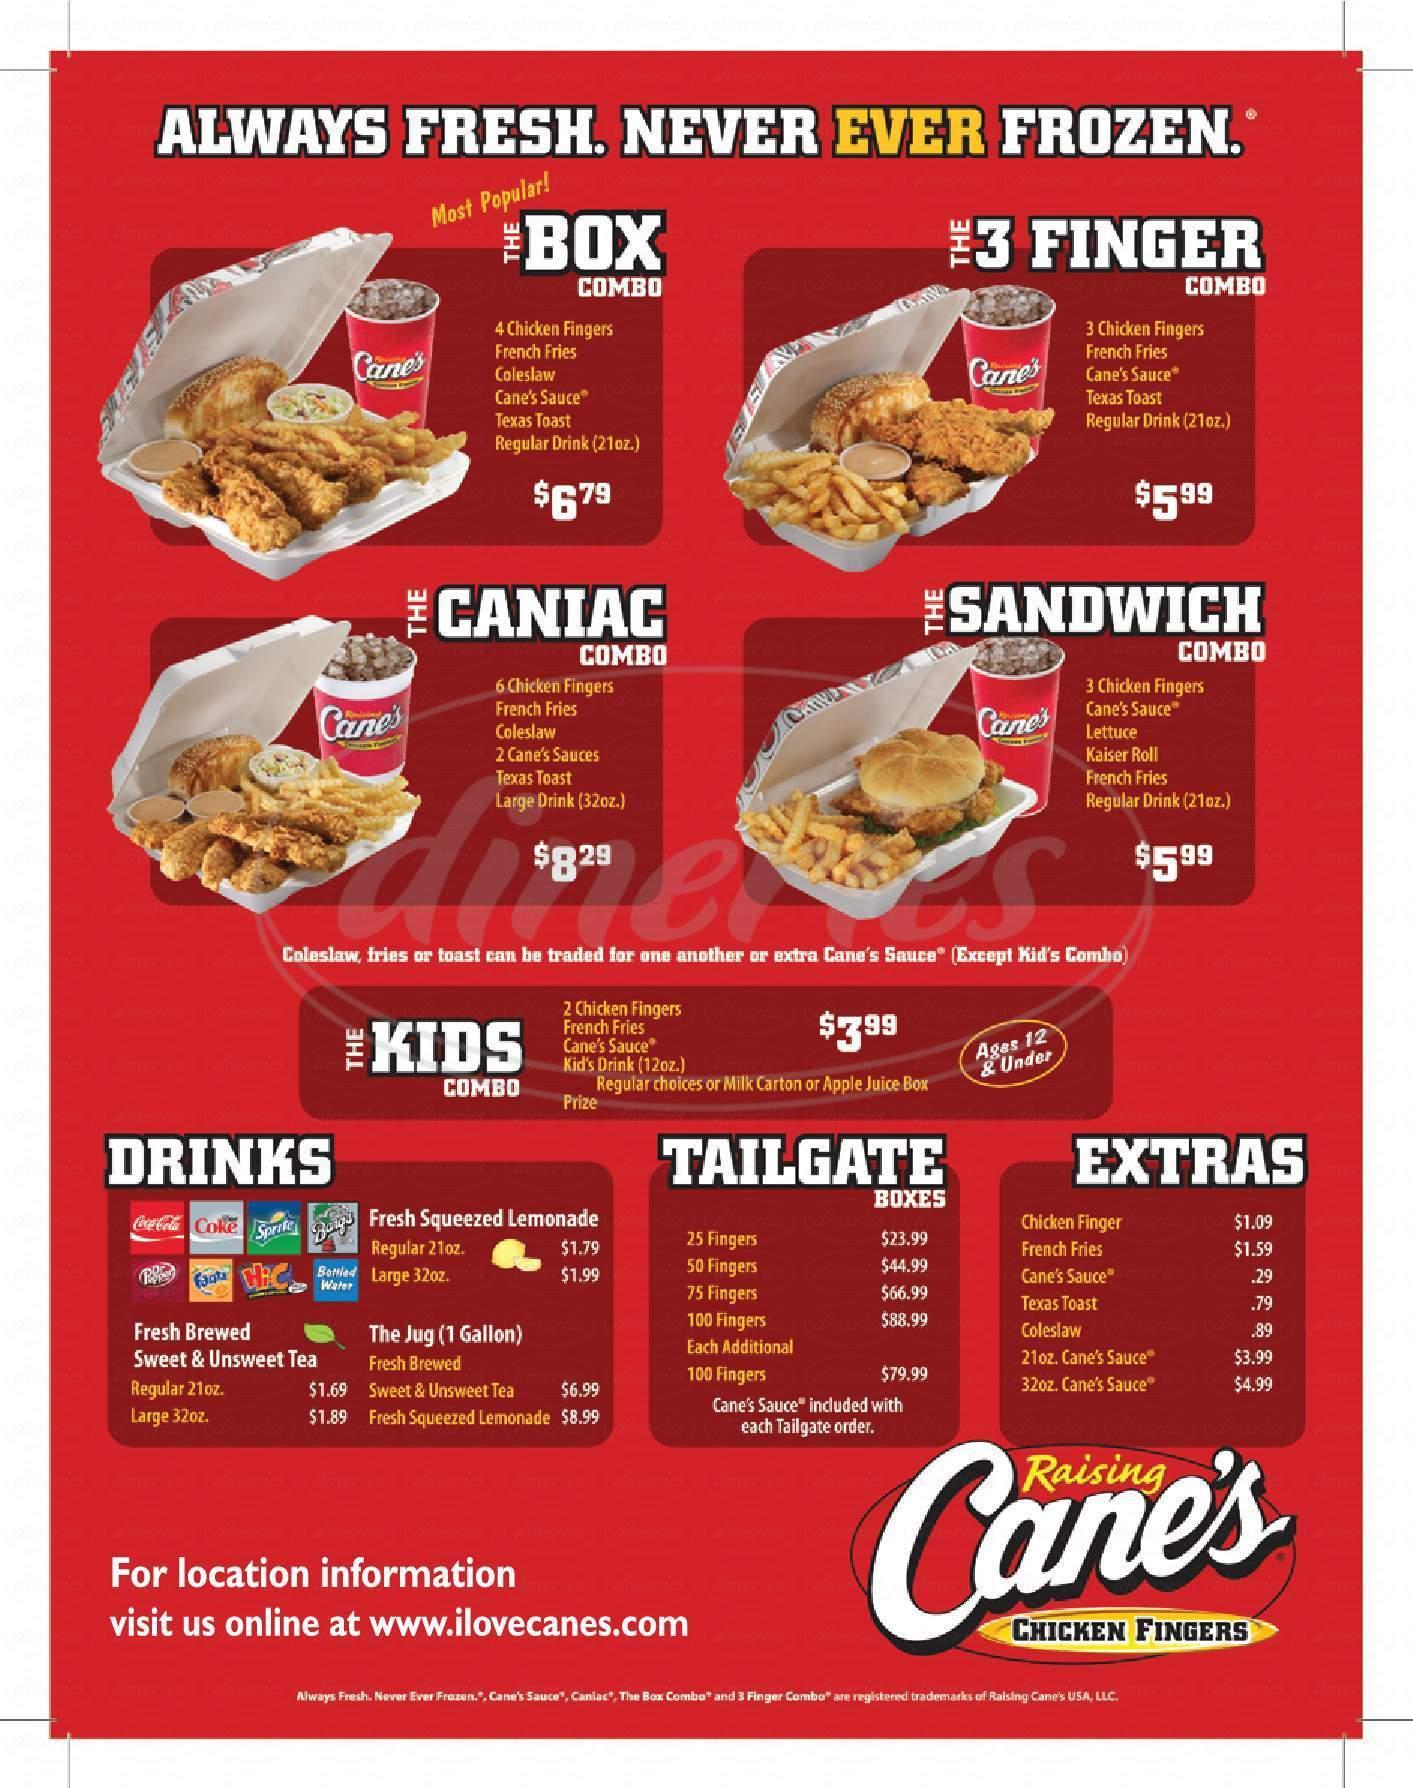 menu for Raising Cane's